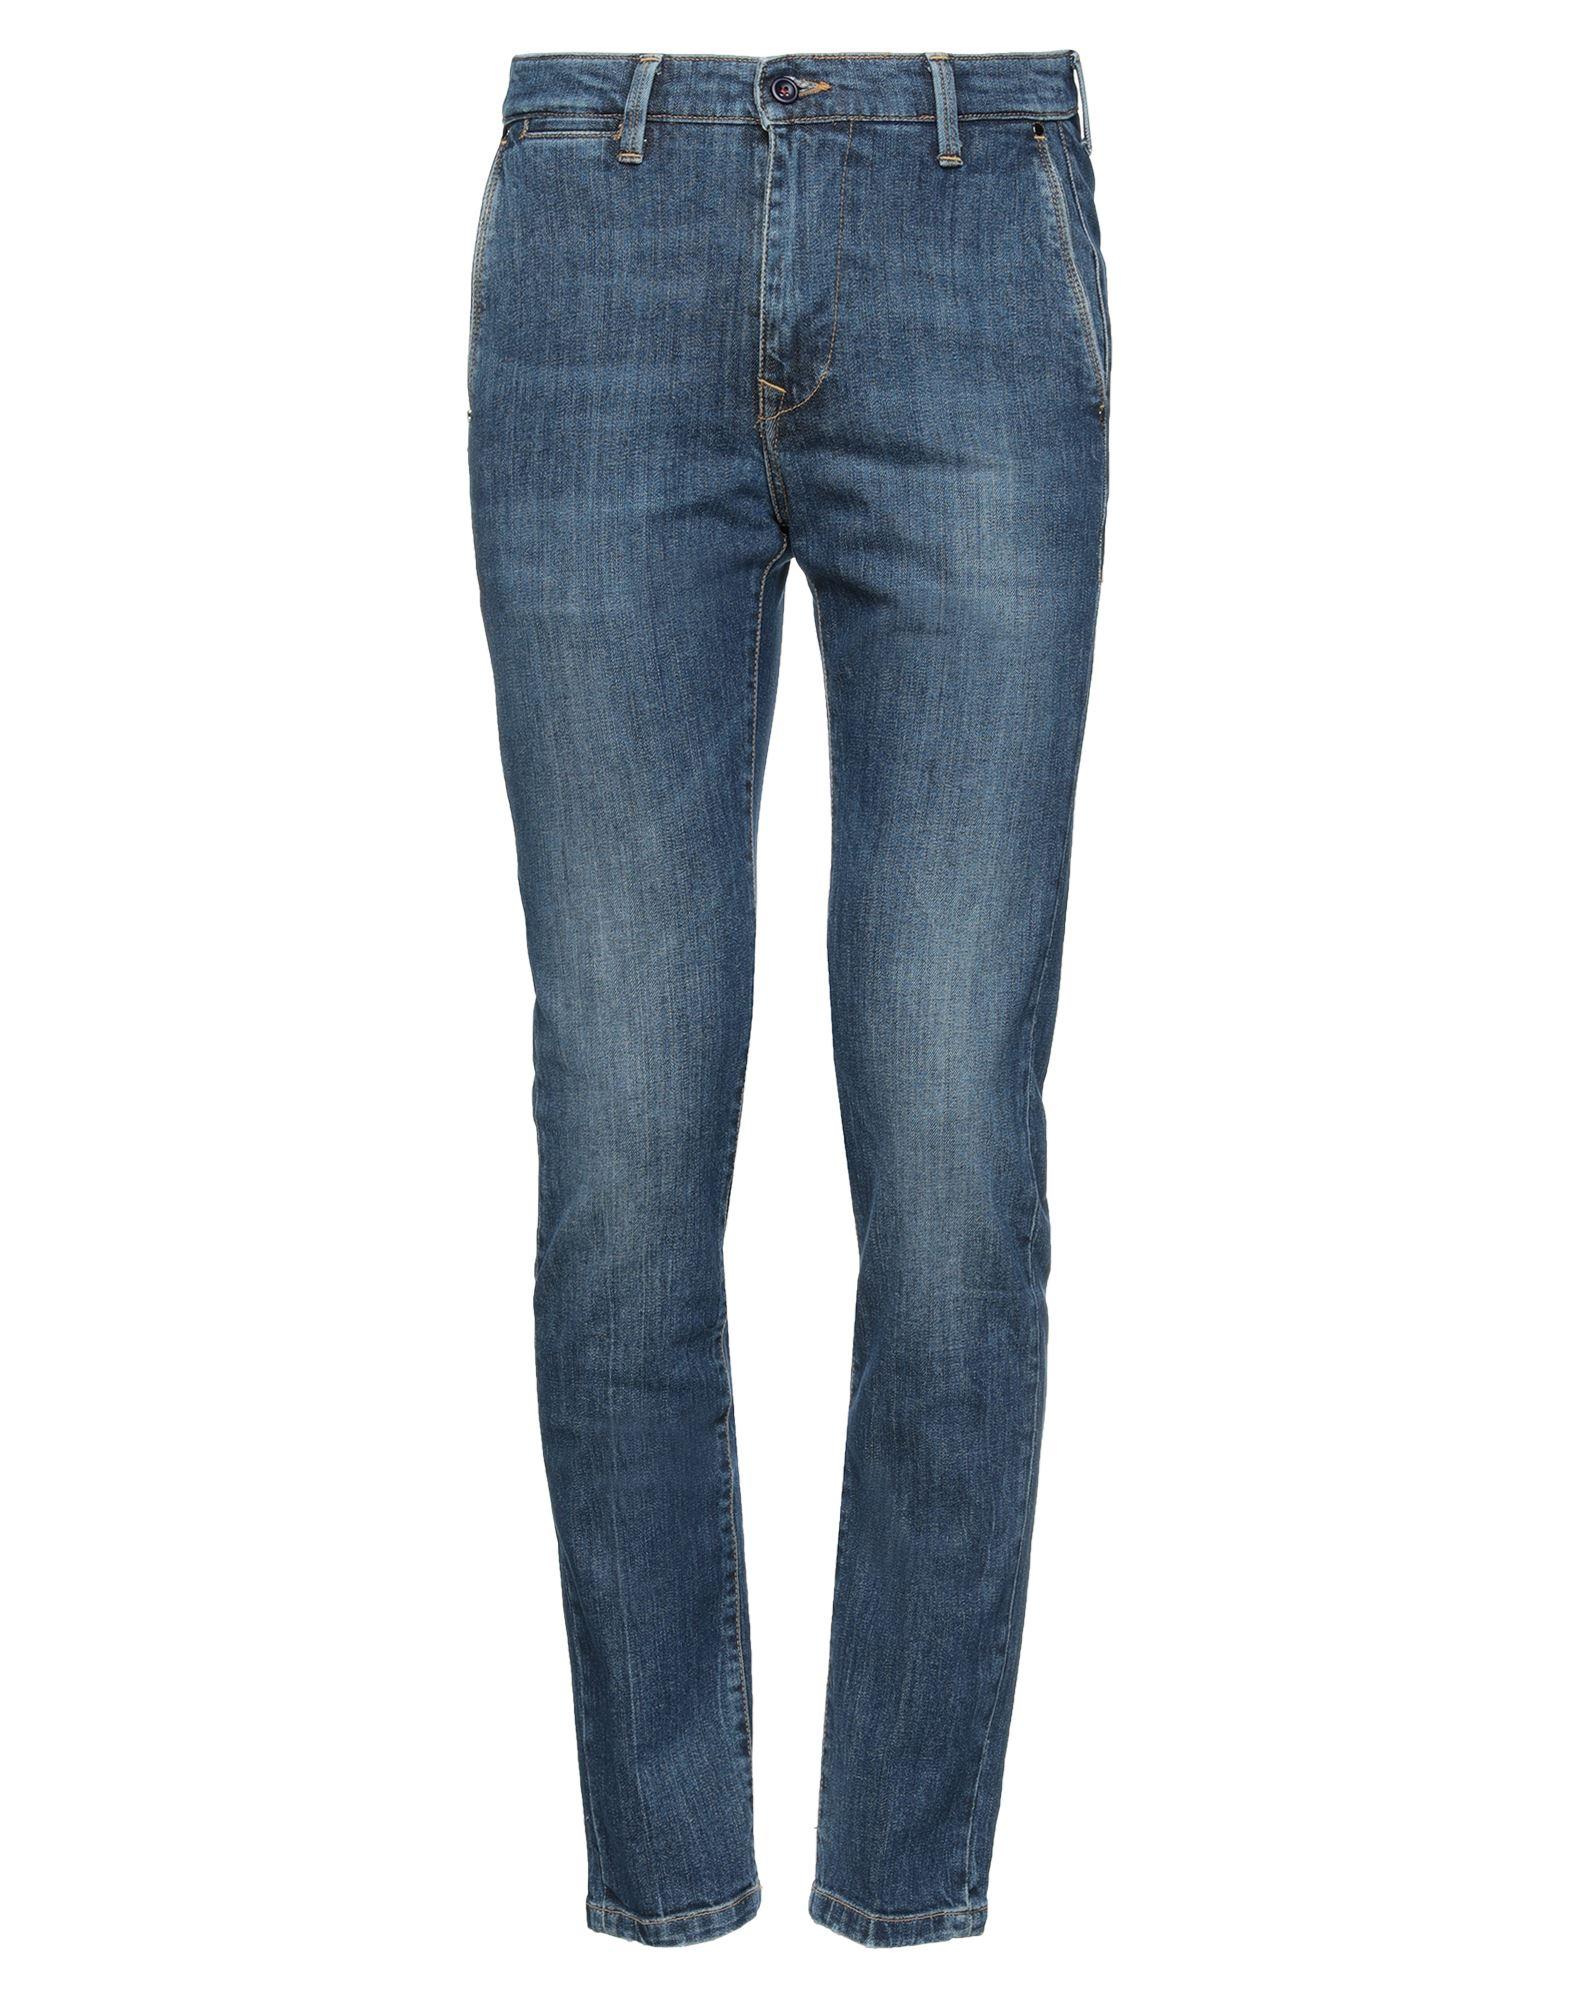 0/ZERO CONSTRUCTION Джинсовые брюки zero limits джинсовые брюки